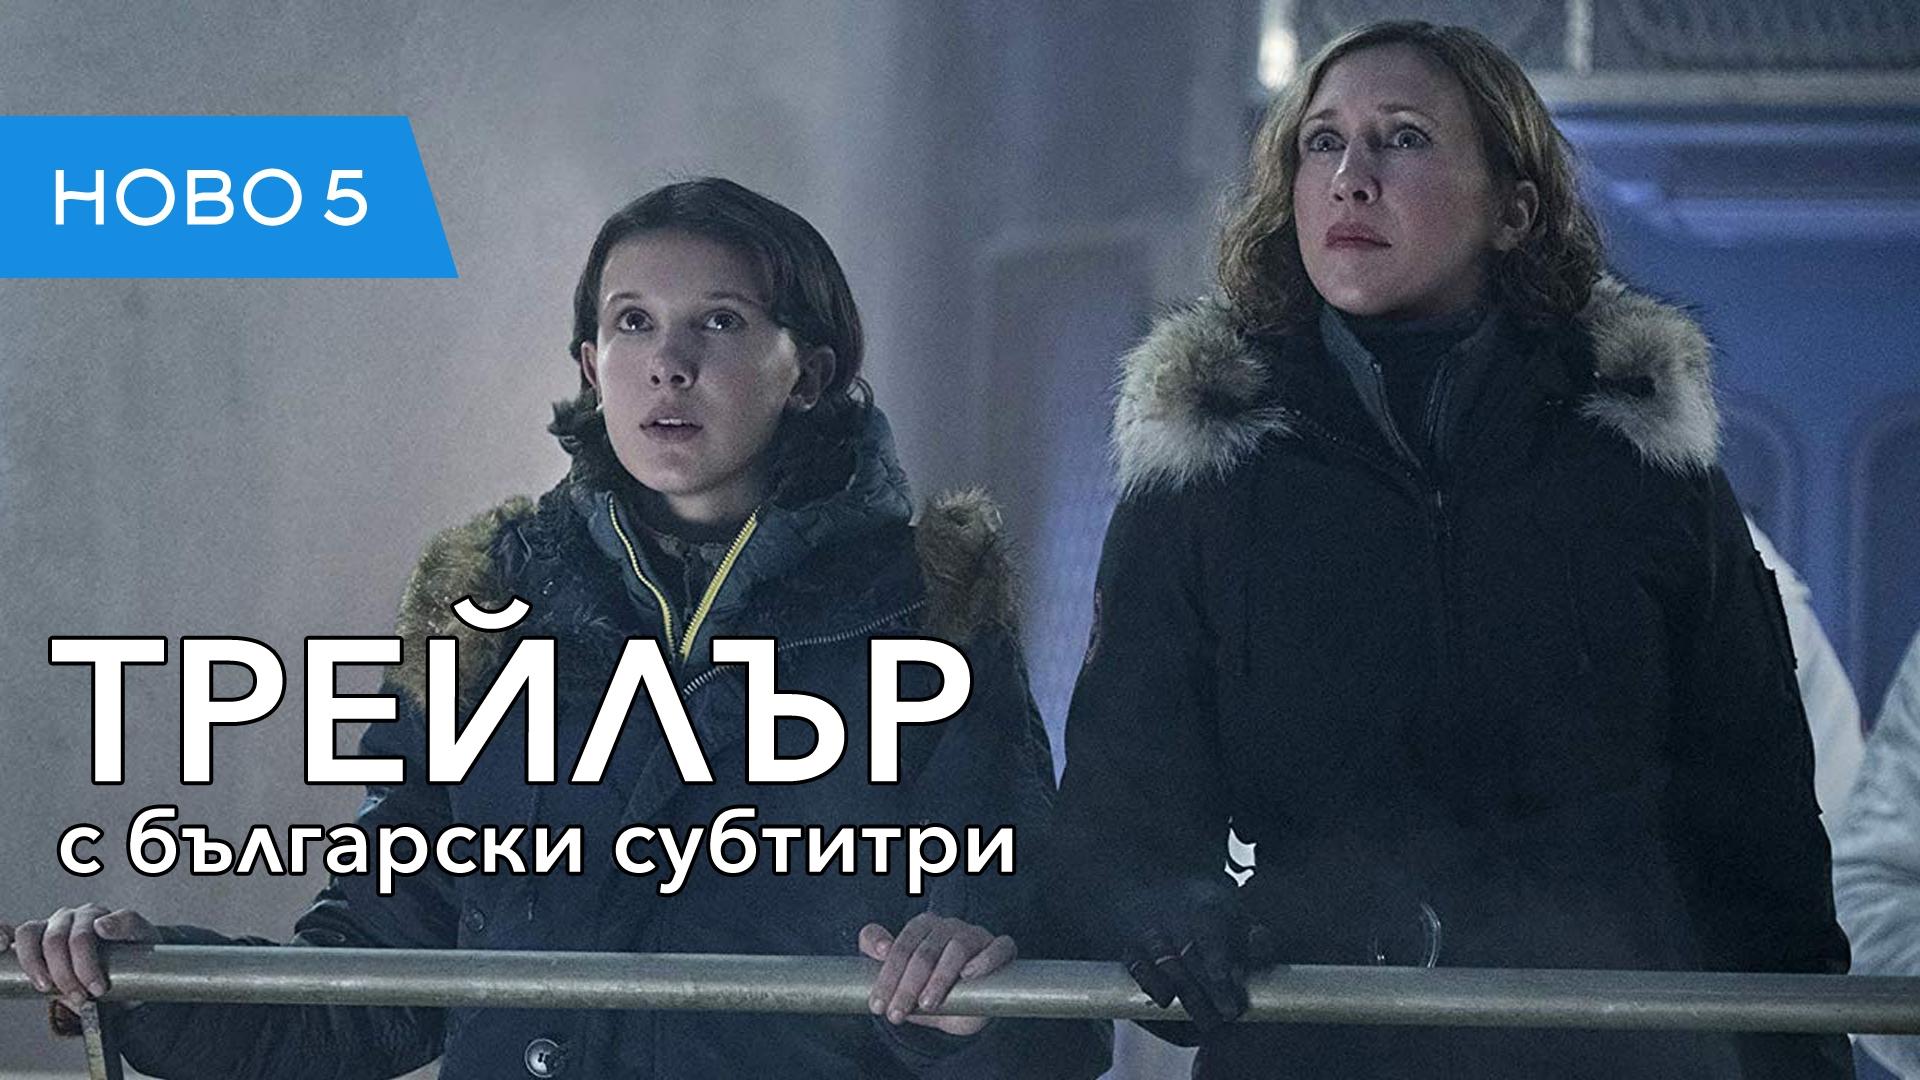 Годзила: Кралят на зверовете (2019) трейлър с български субтитри